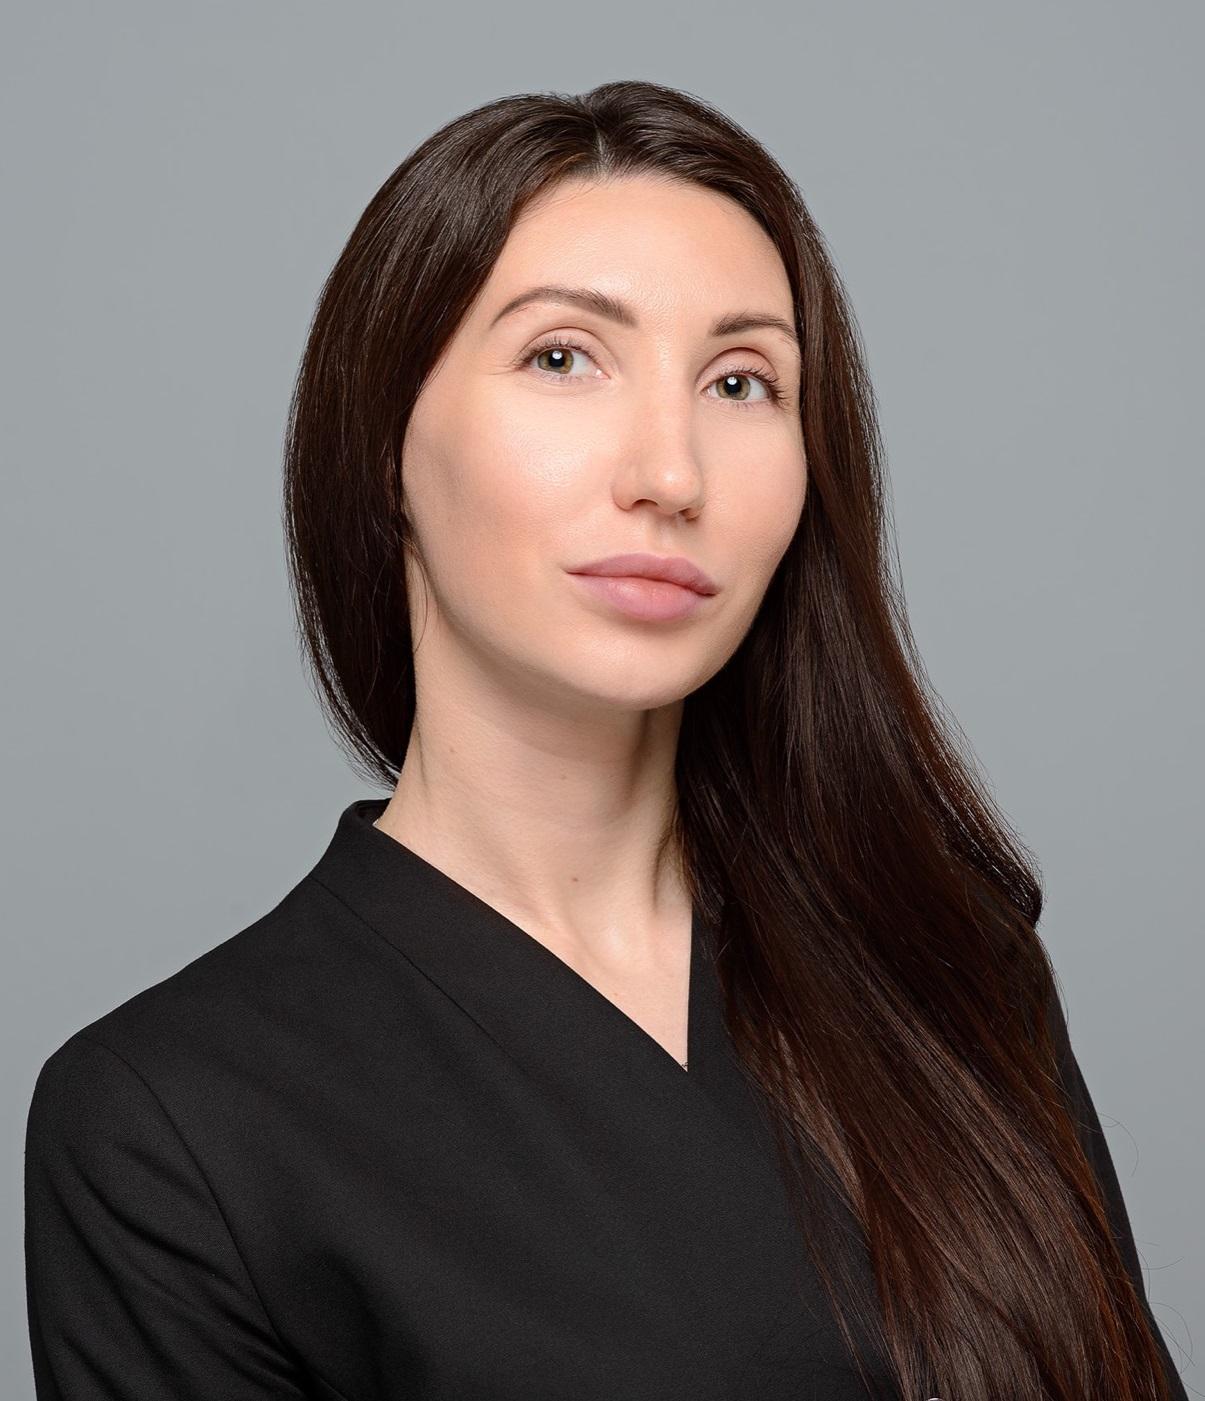 Юлия Перфильева